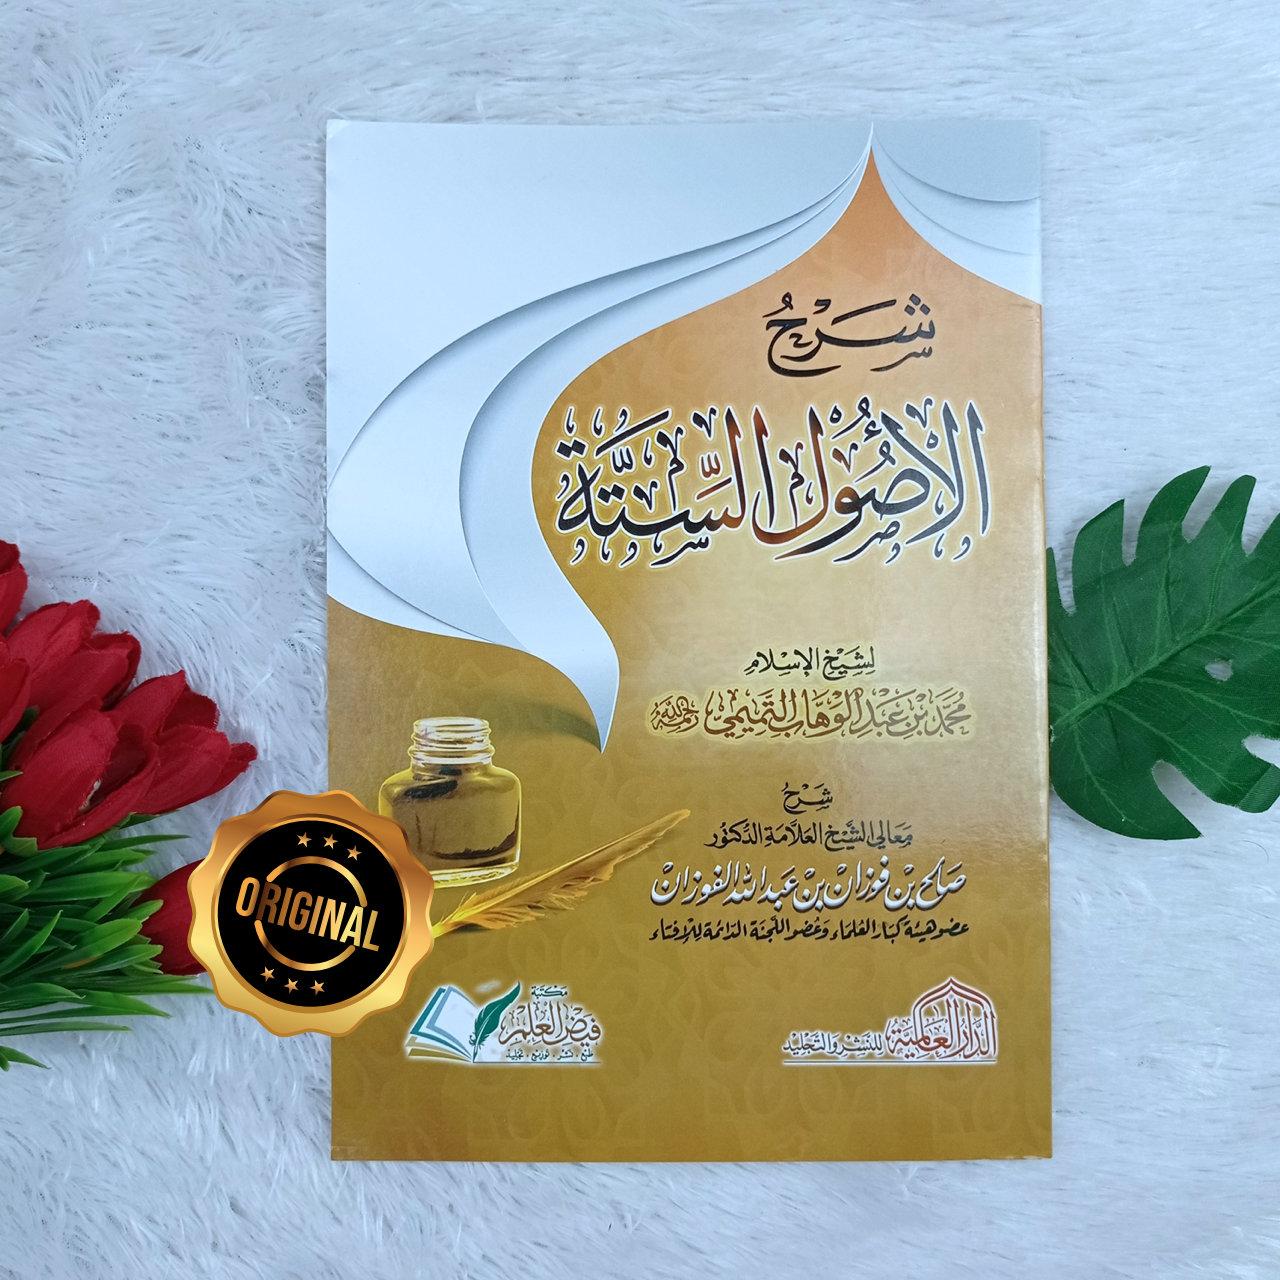 Kitab Syarah Al-Ushul As-Sittah Syaikh Fauzan